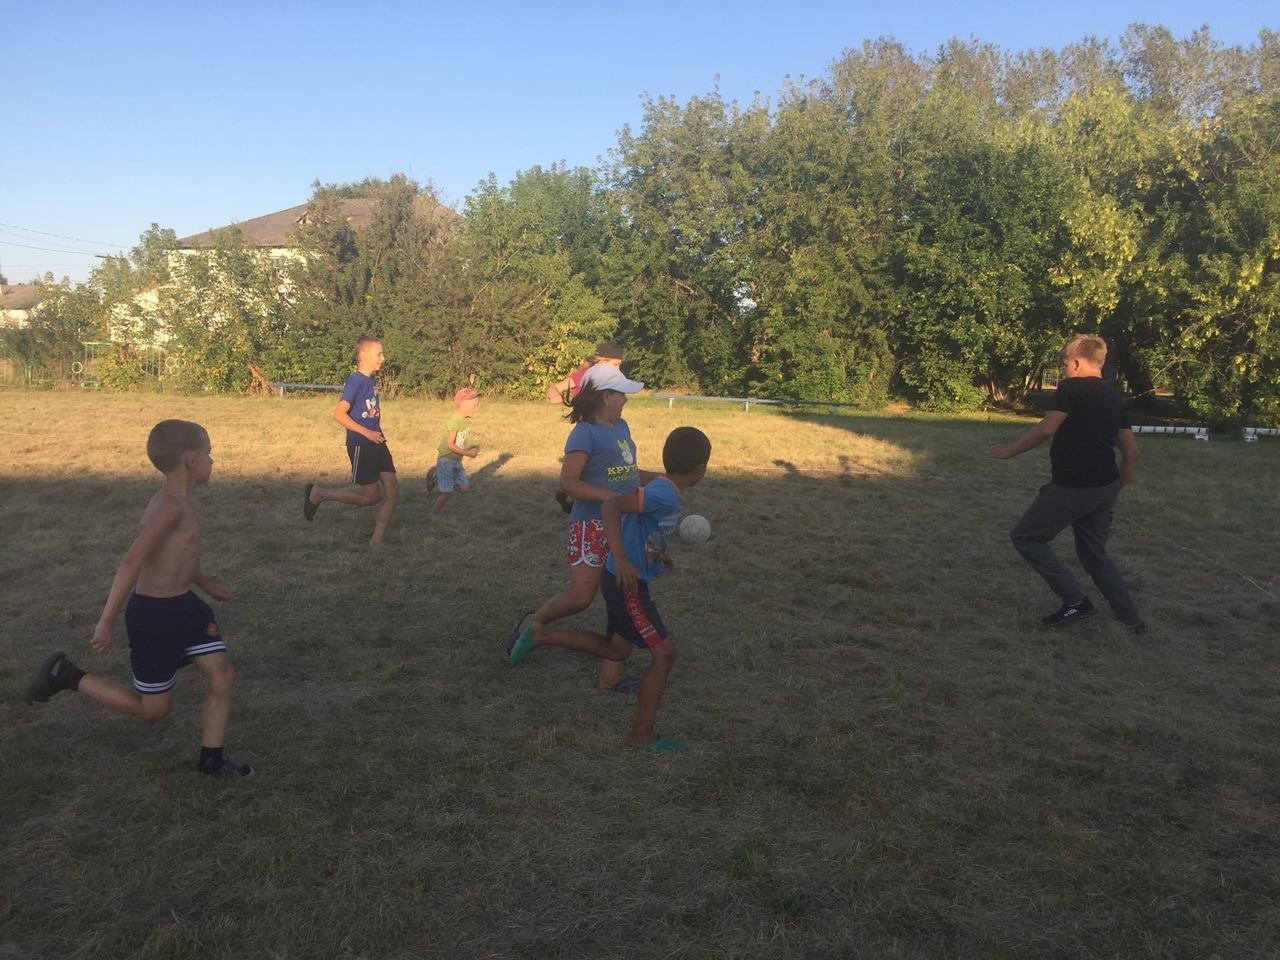 6 августа на дворовых площадках Слободчиковского, Юрминского, Срочкинского сельских поселений прошли спортивно-массовые мероприятия посвящённые Дню Физкультурника.